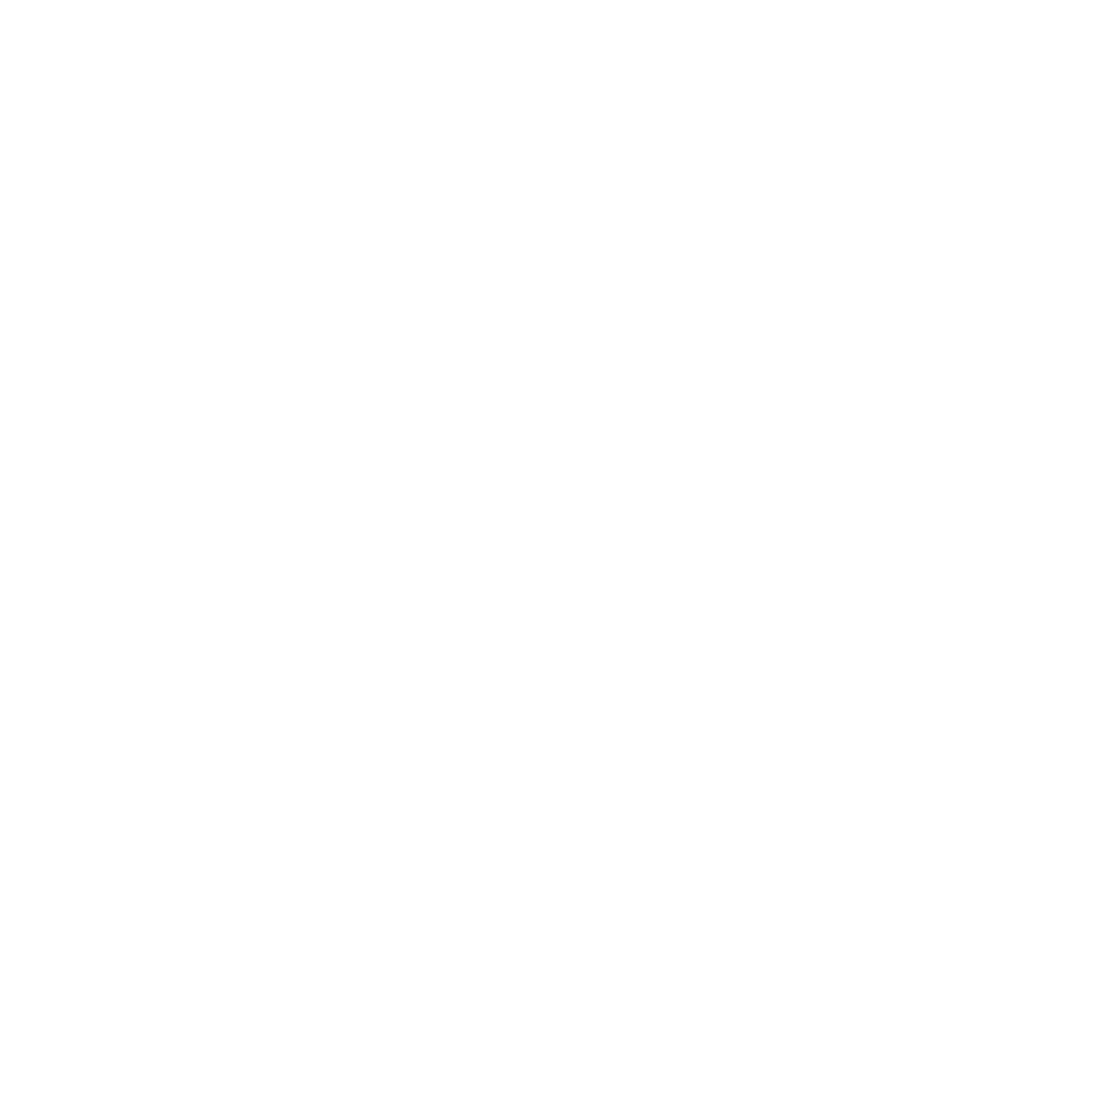 8685BS - Blanco Brillante